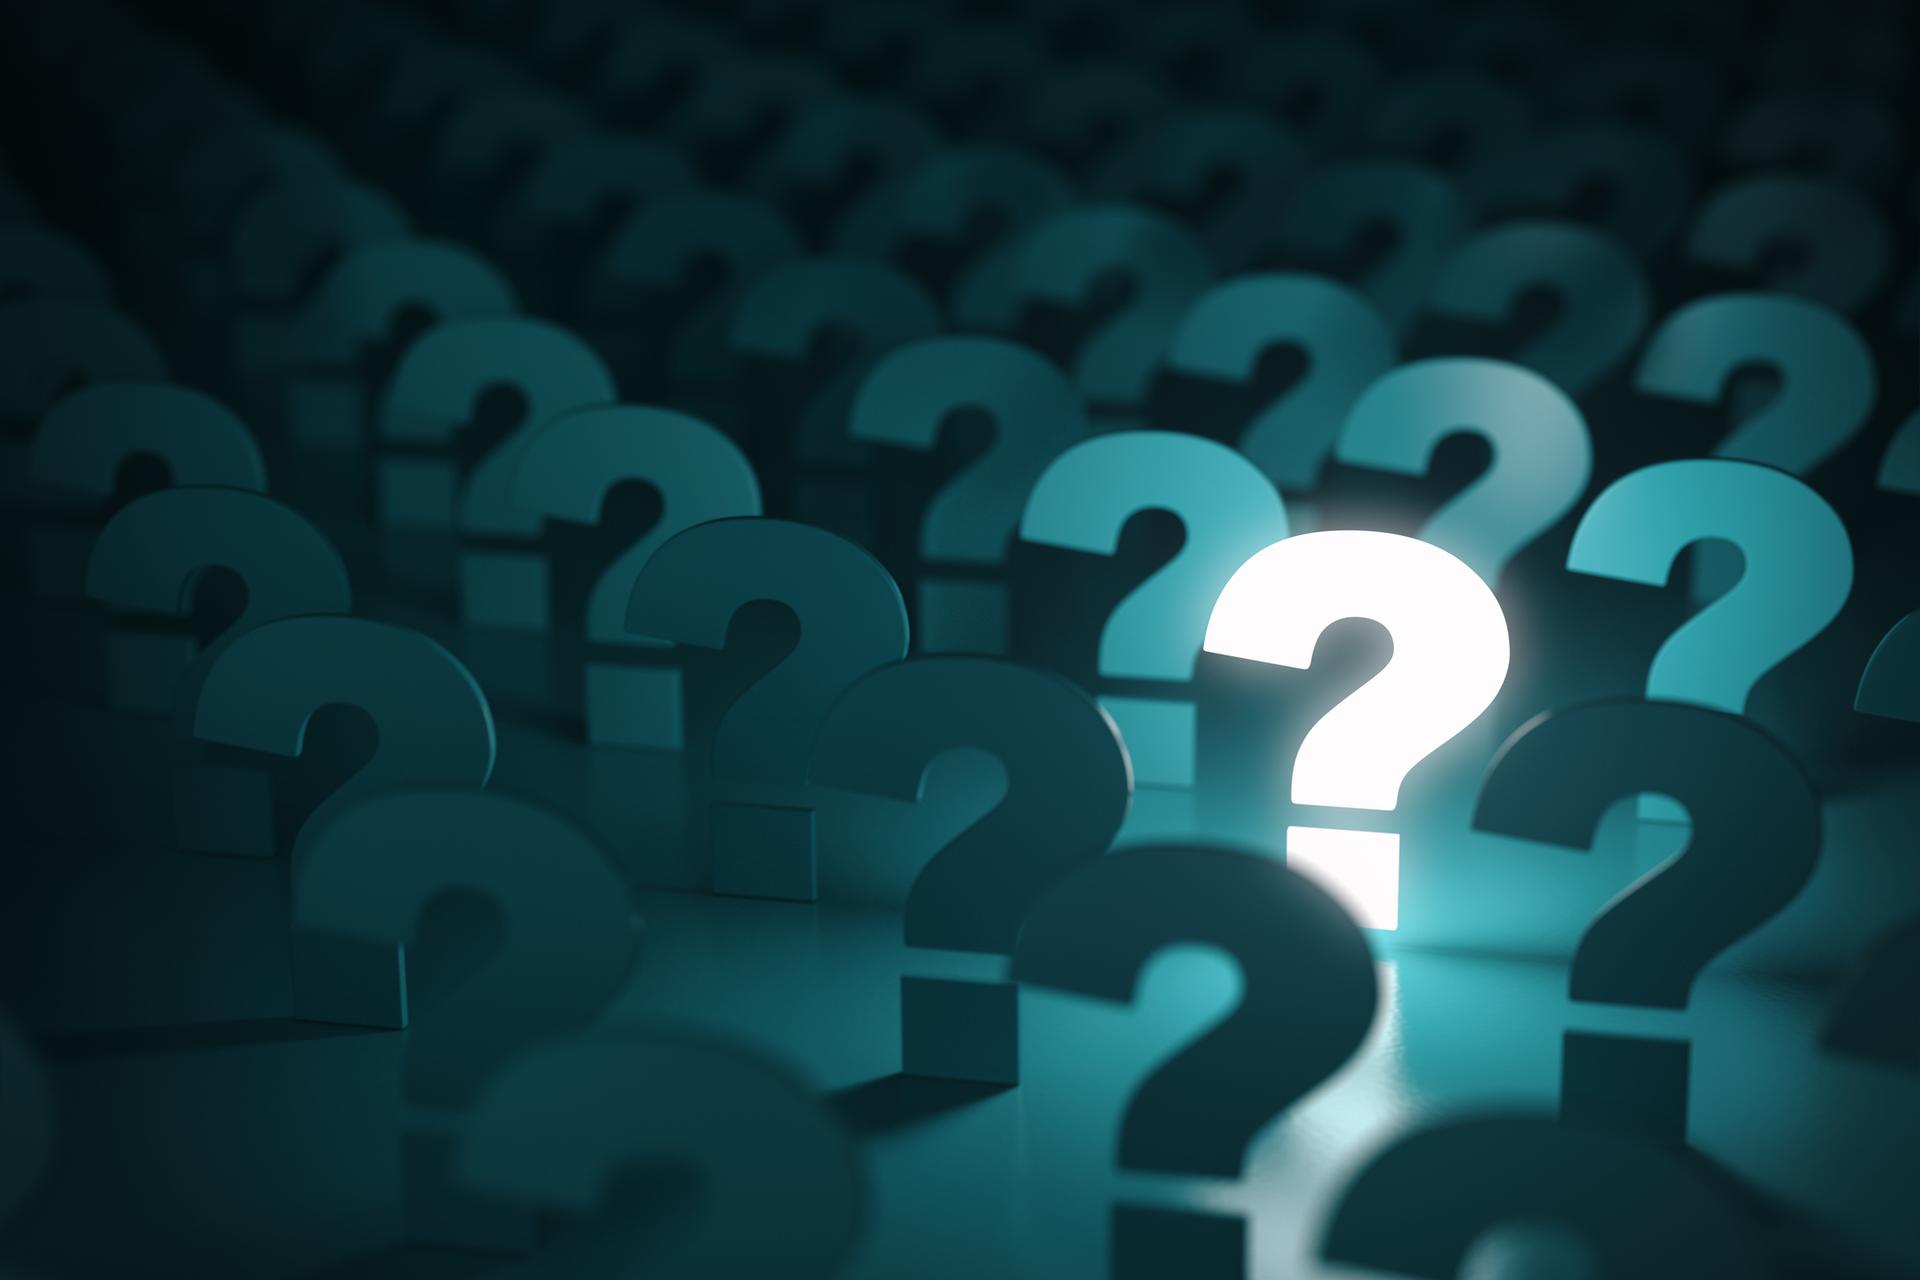 Vì sao Yết Kiêu có công vượt bậc nhưng không được phong quan?